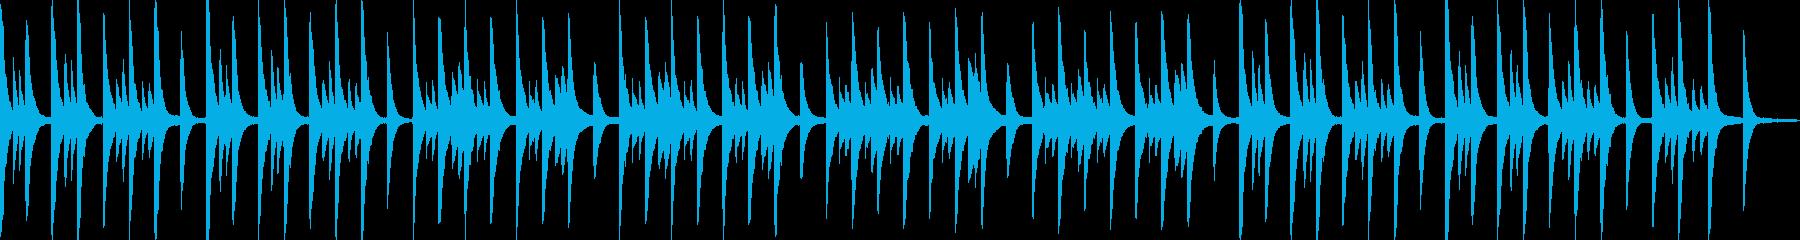 寂しげなピアノアンビエントの再生済みの波形